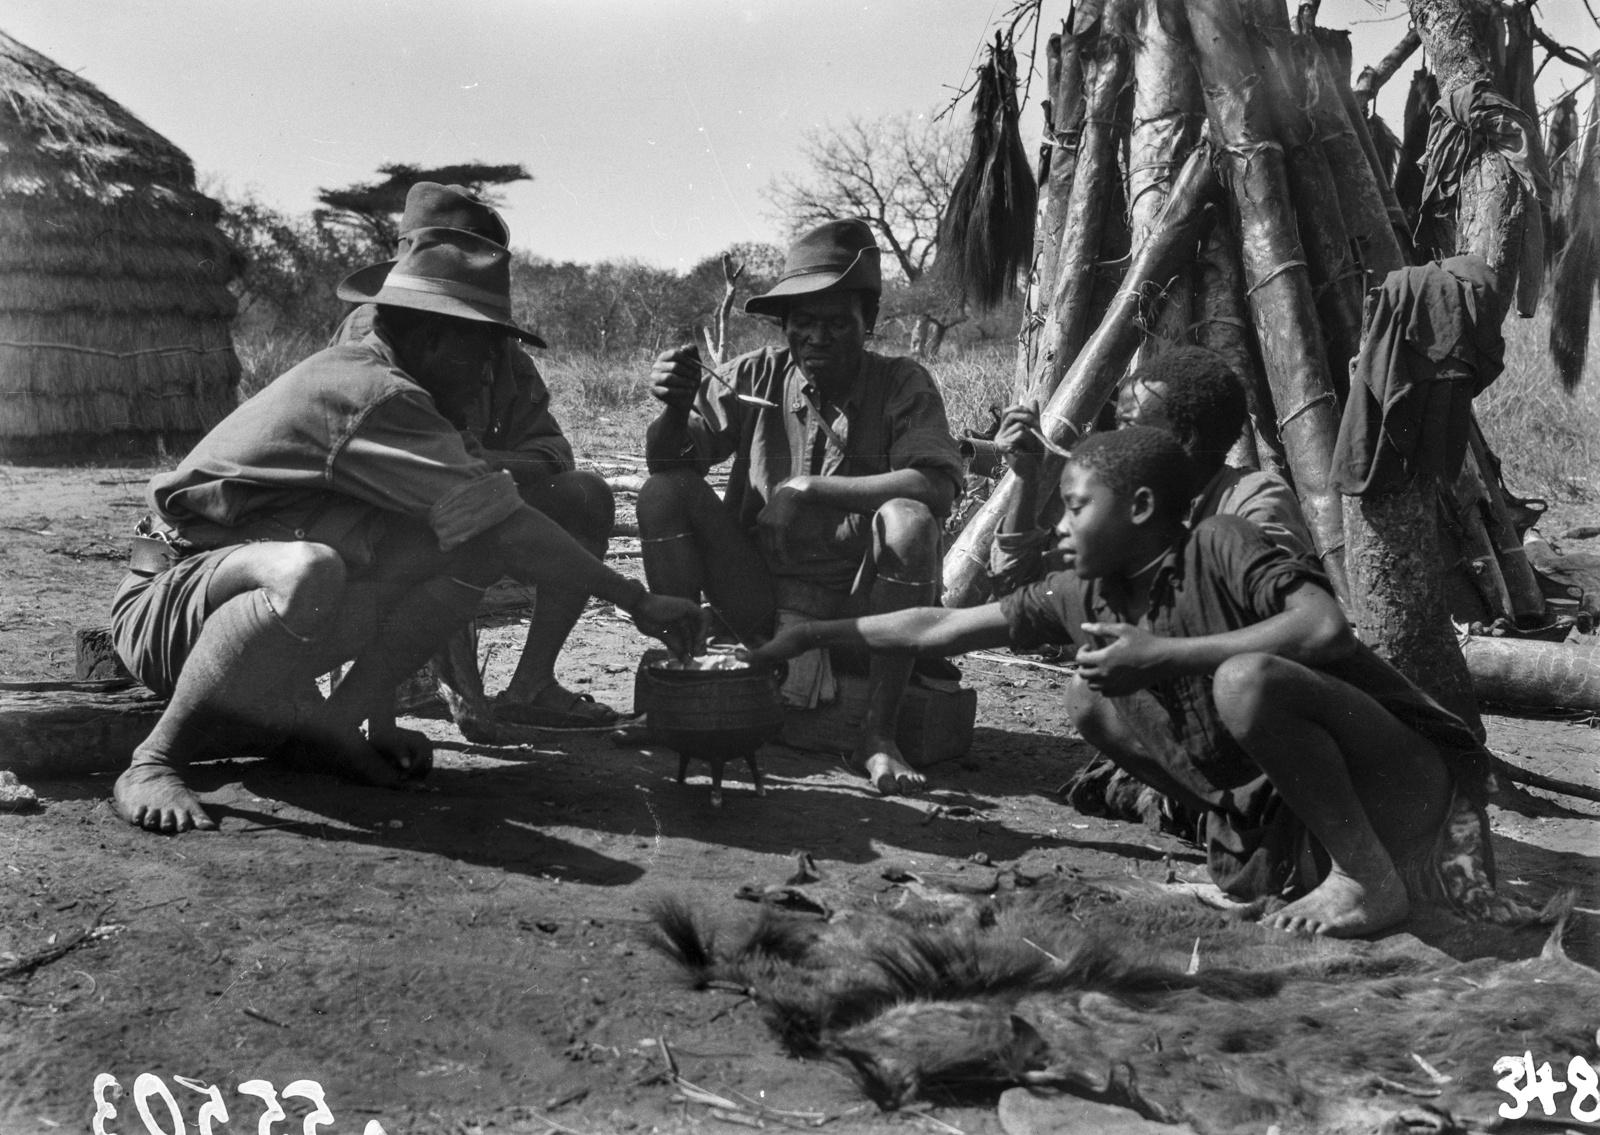 Южно-Африканский Союз. В окрестностях Претории.  Участники экспедиции и дети в поселении во время еды